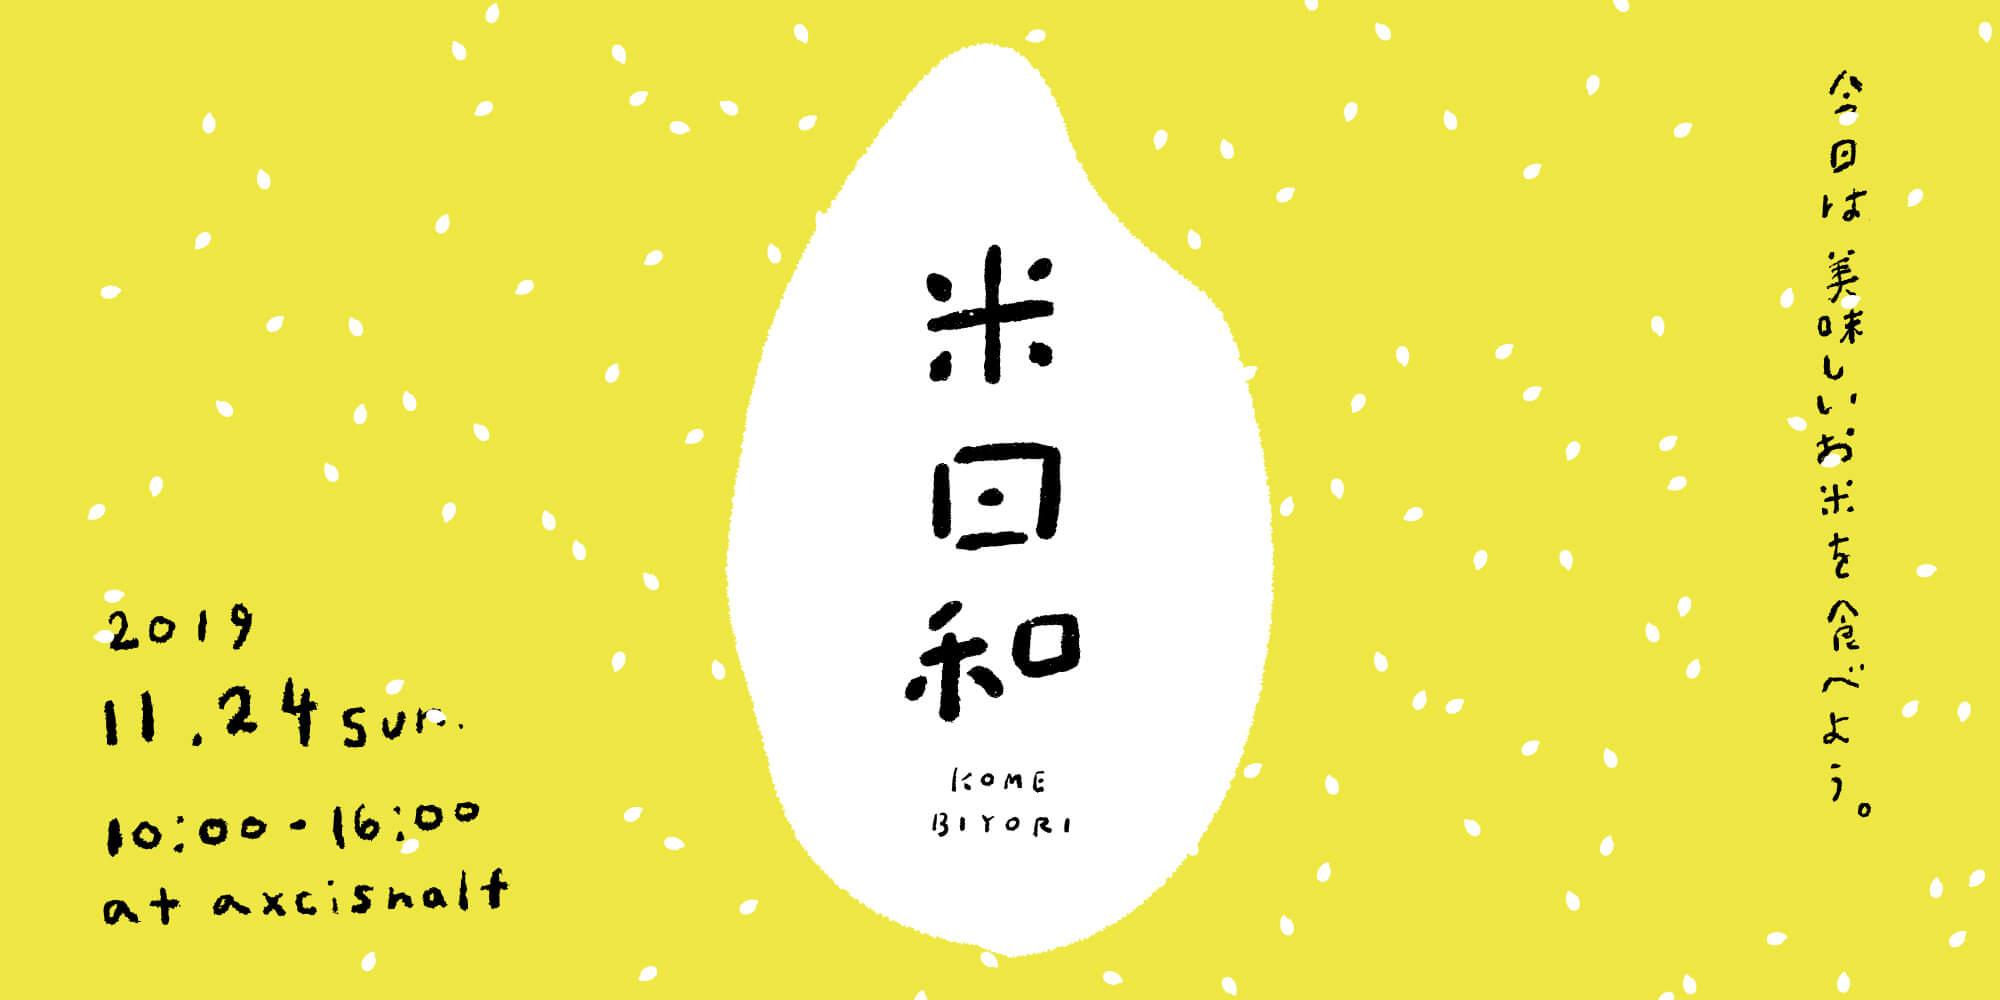 米日和のイベント情報を掲載しました。